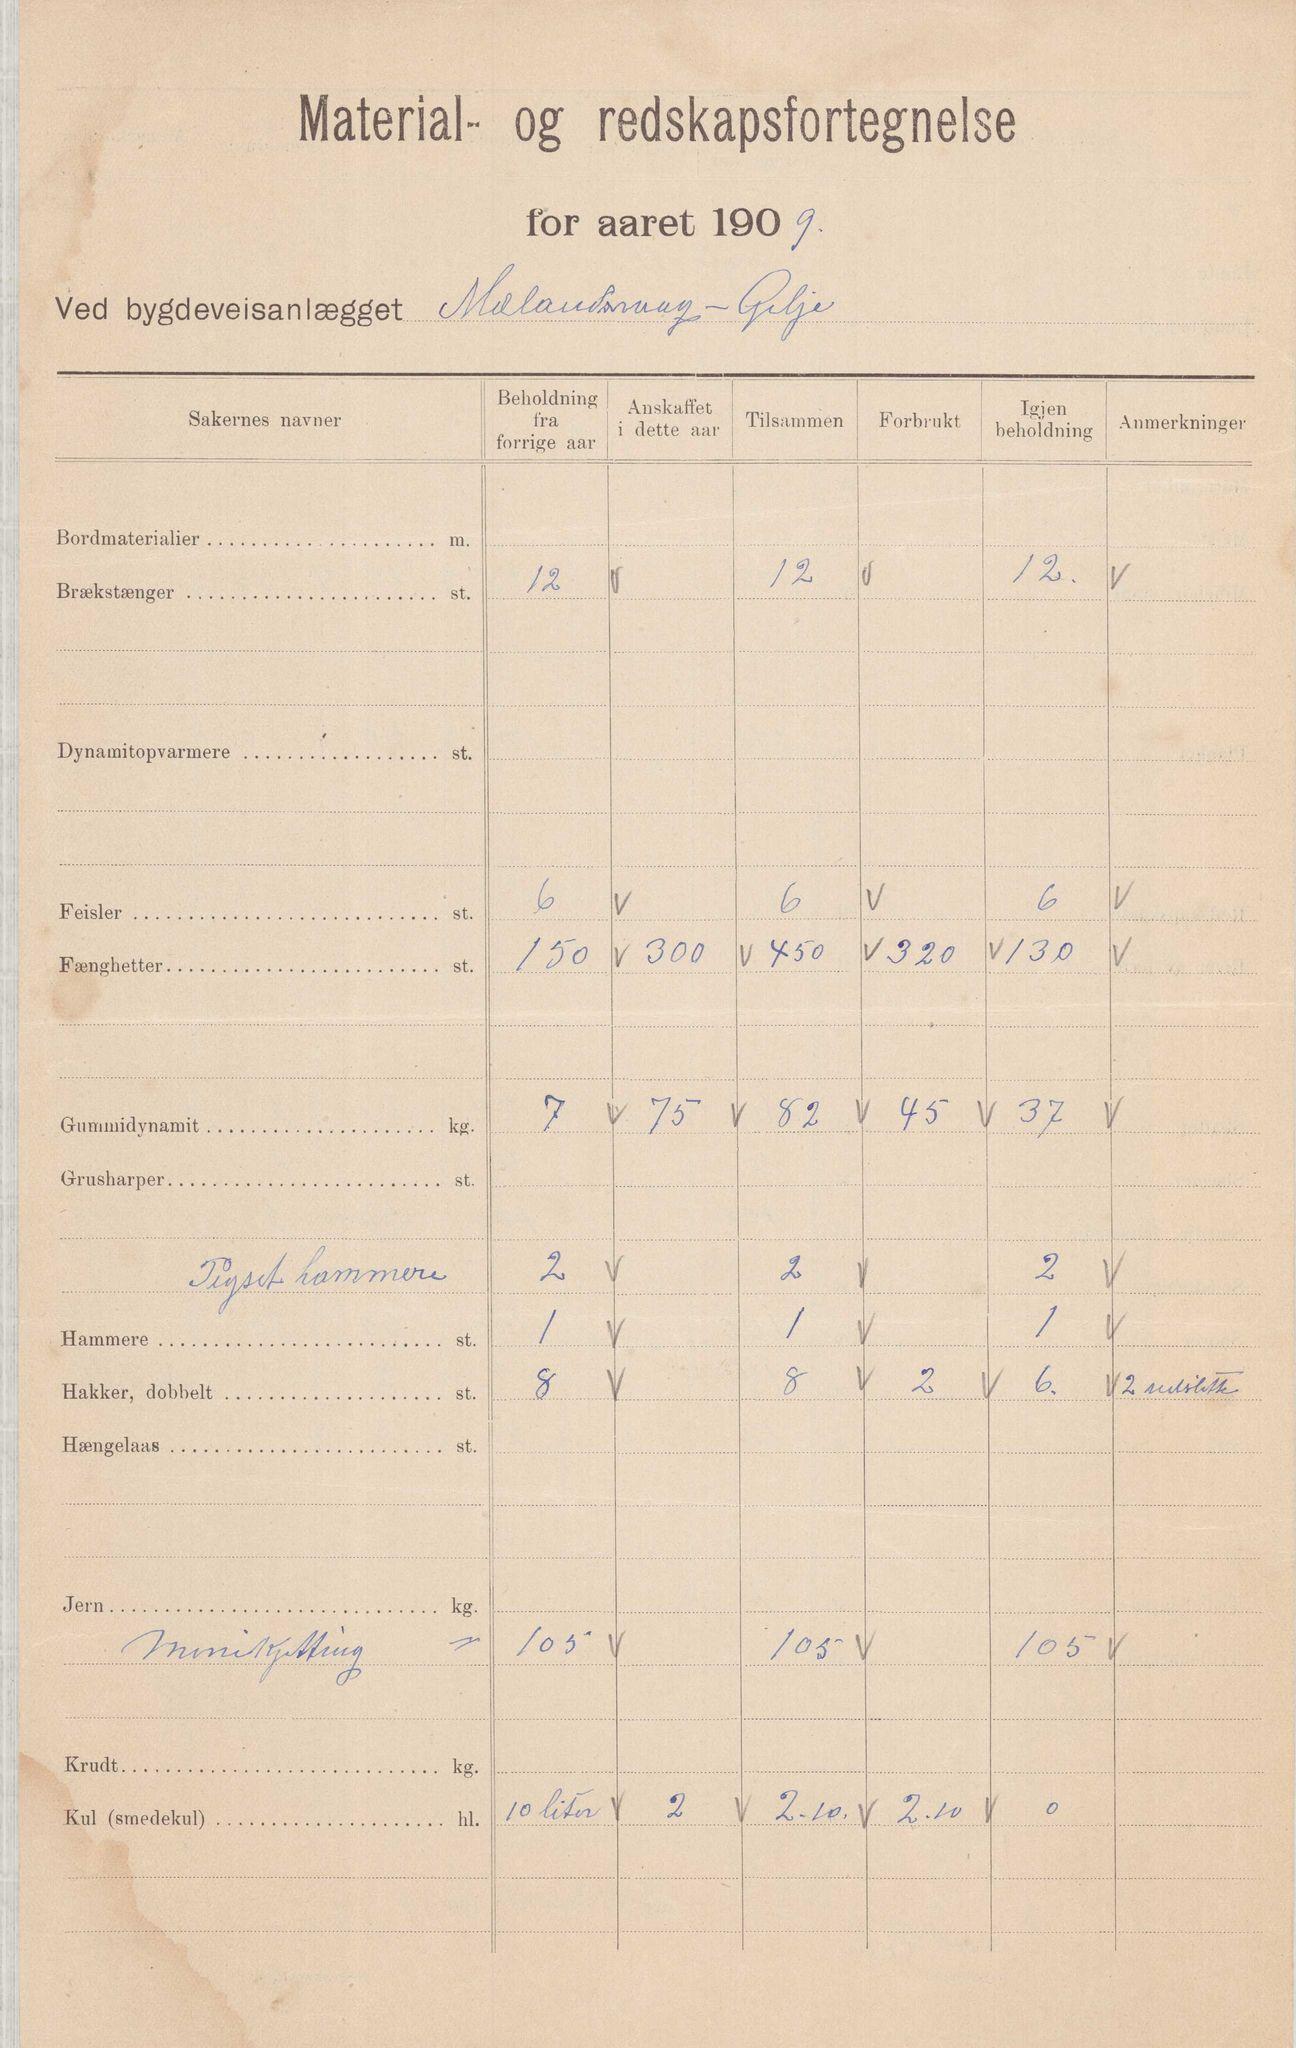 IKAH, Finnaas kommune. Formannskapet, E/Ea/L0001: Rekneskap for veganlegg, 1907-1910, s. 21